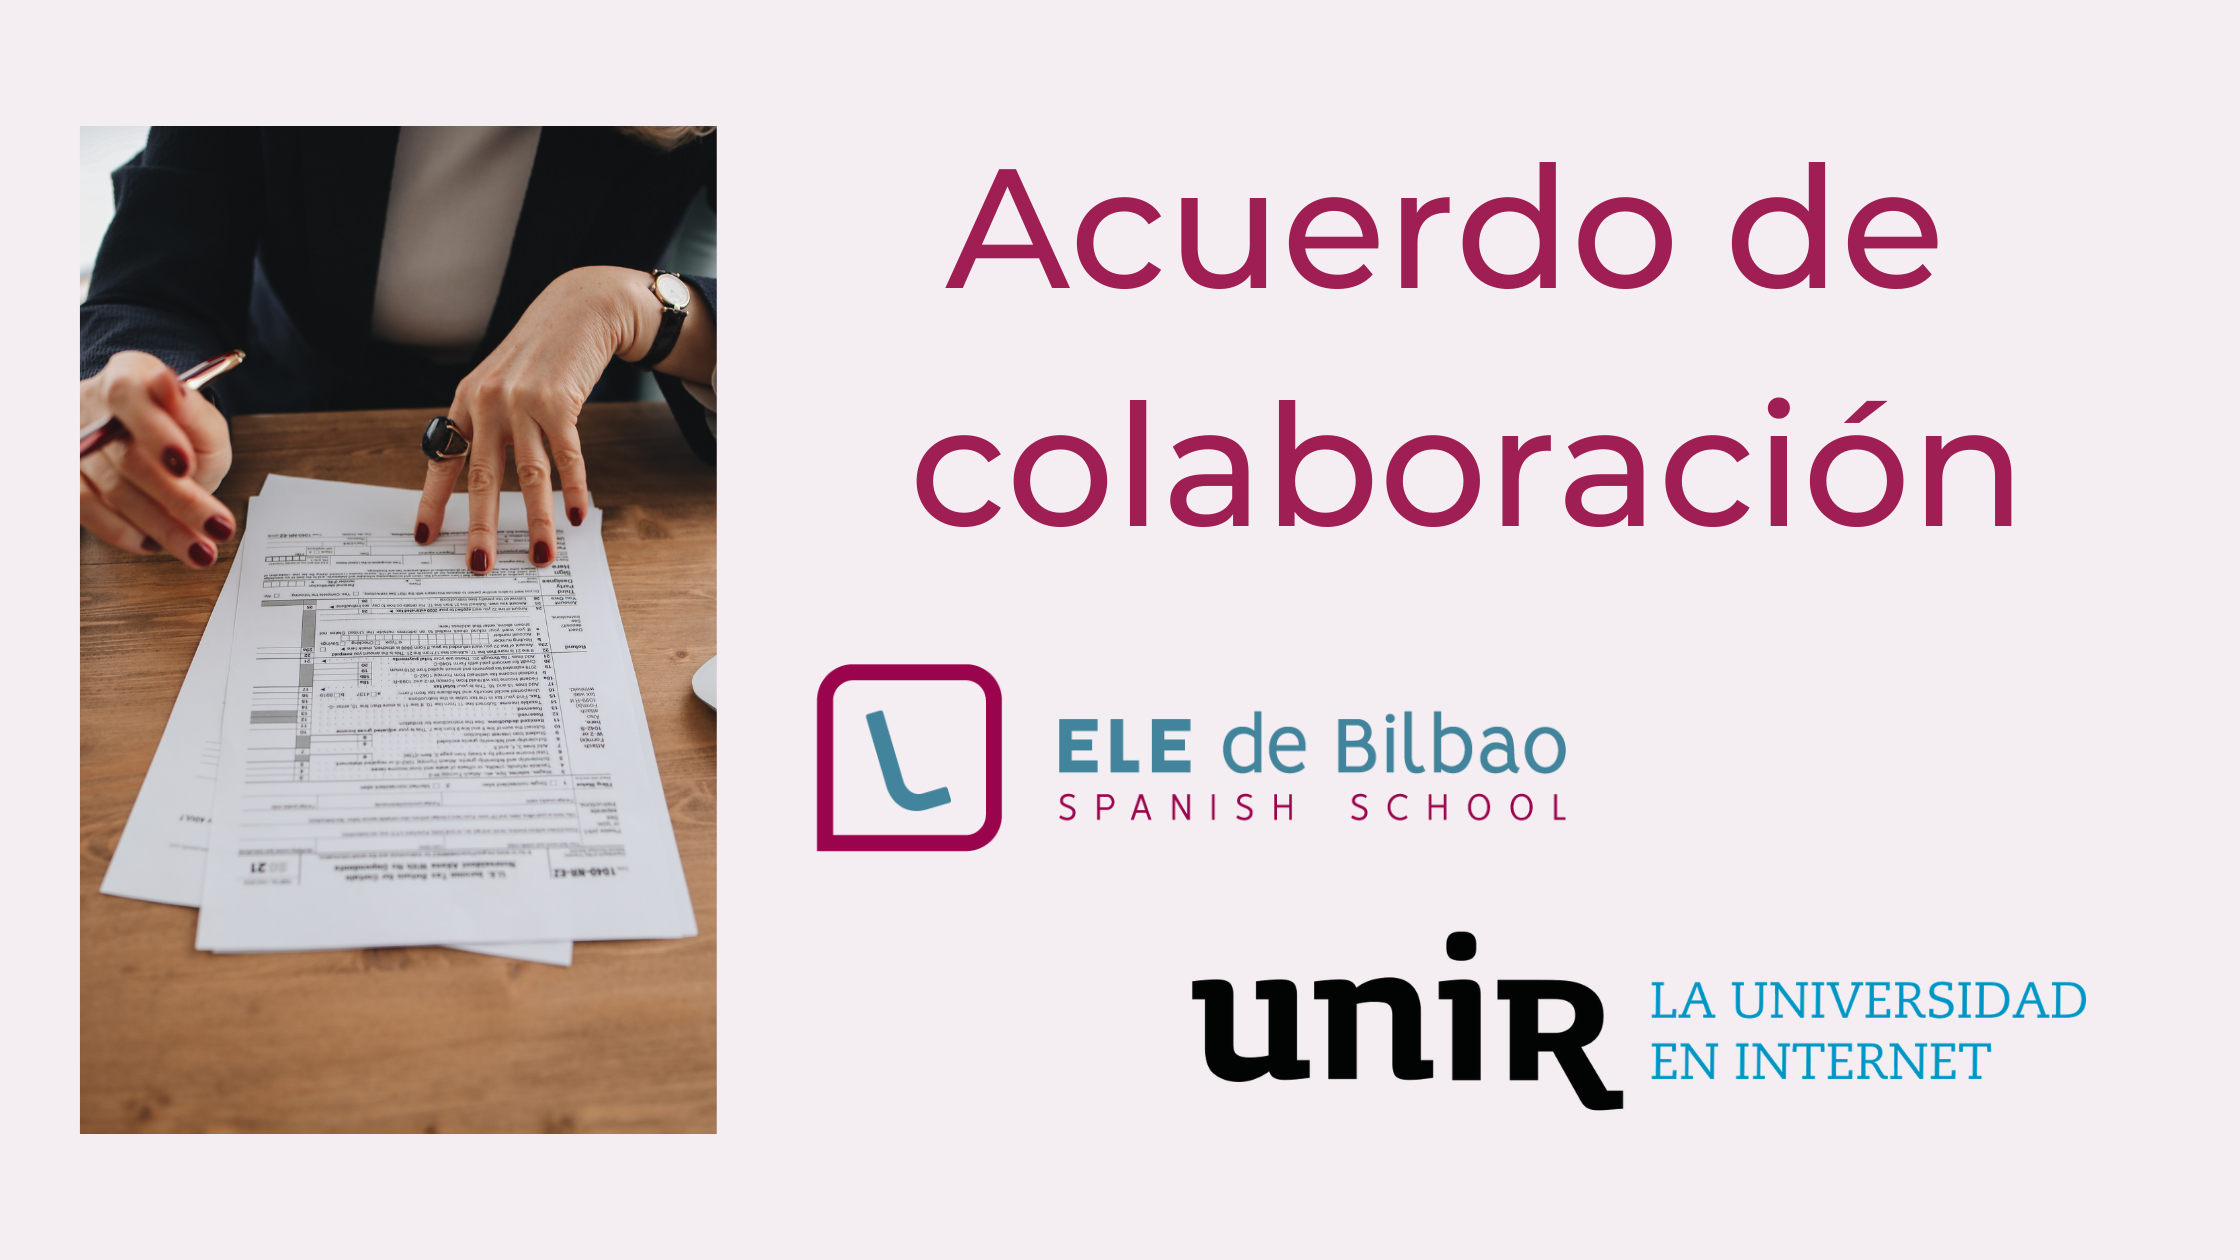 Acuerdo de colaboración prácticas ELE UNIR